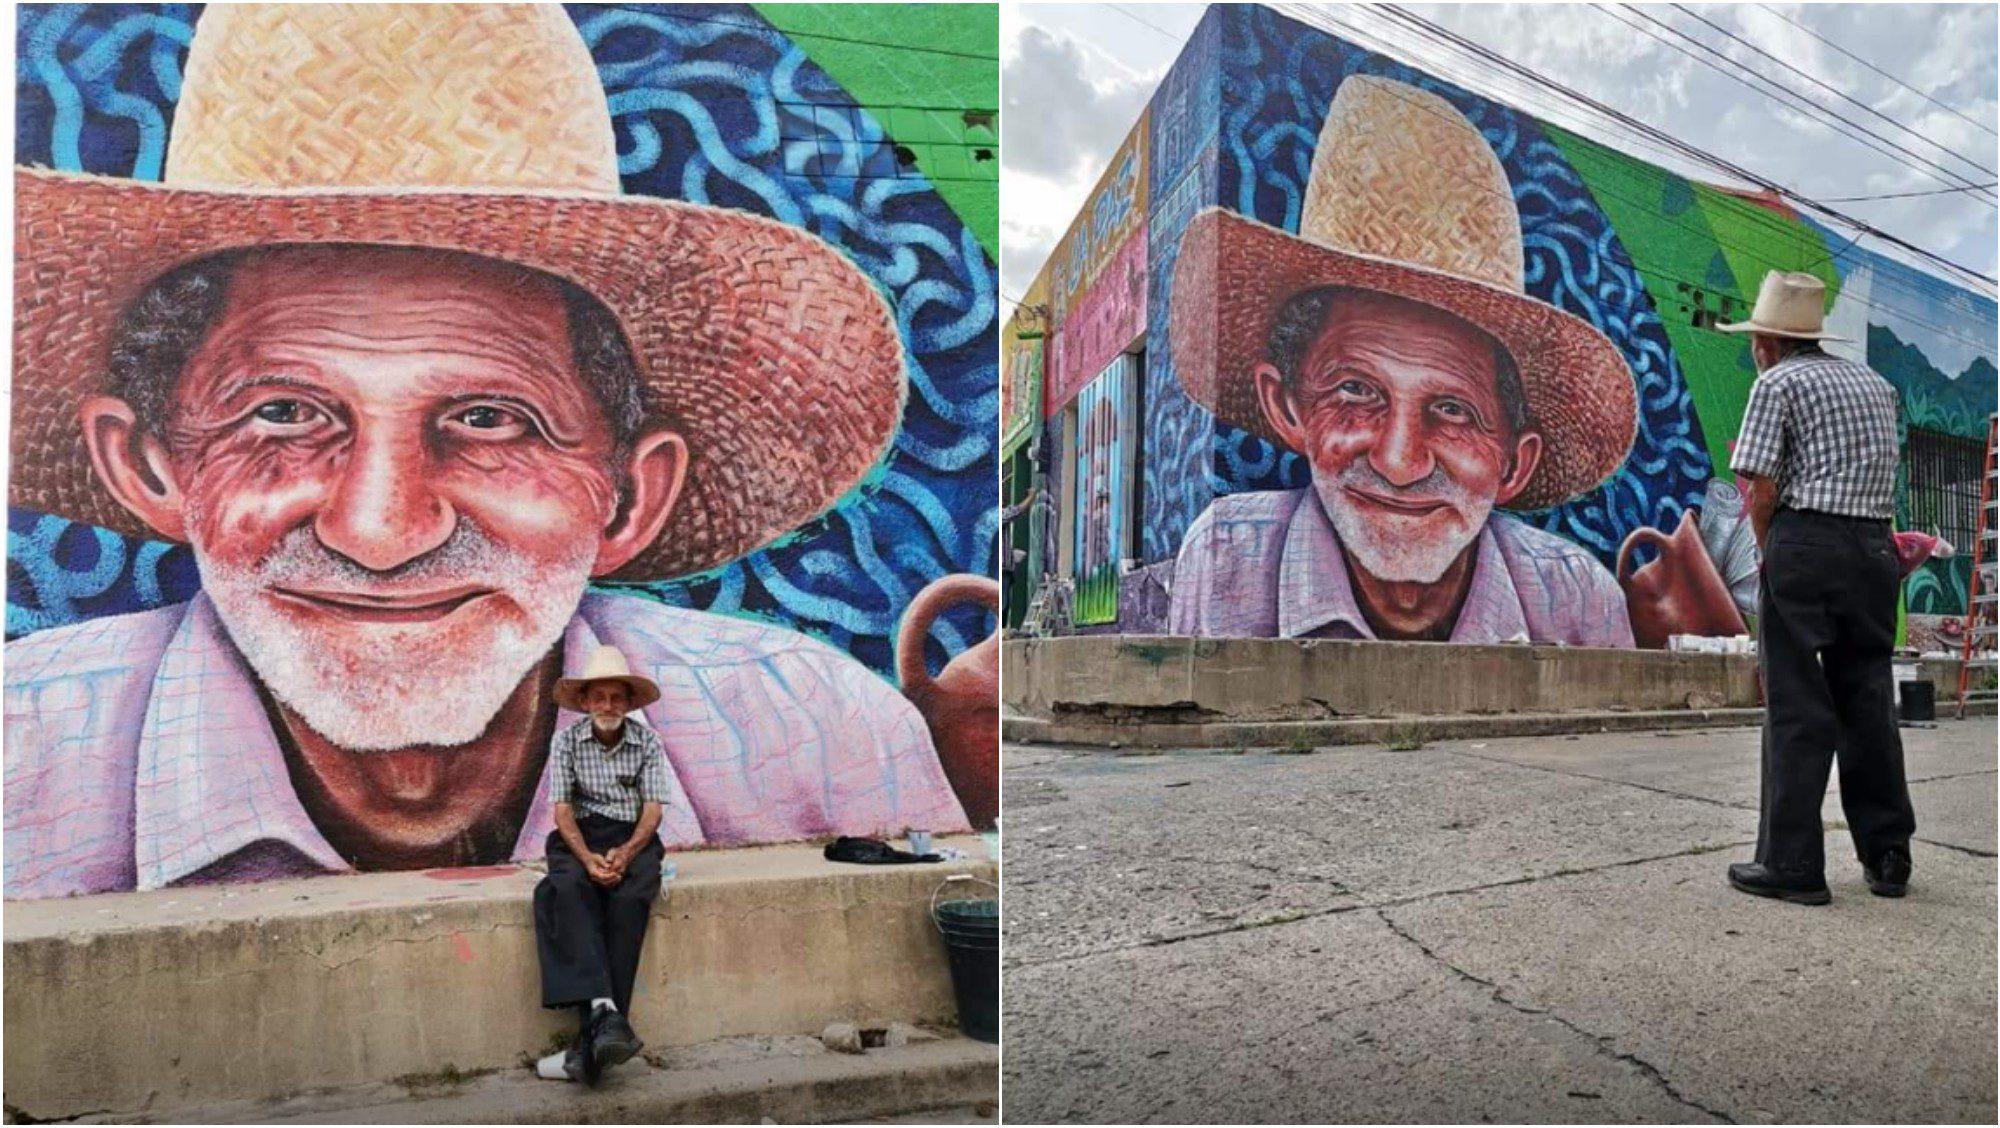 Homenajean con un mural a un señor que vende periódicos en La Paz